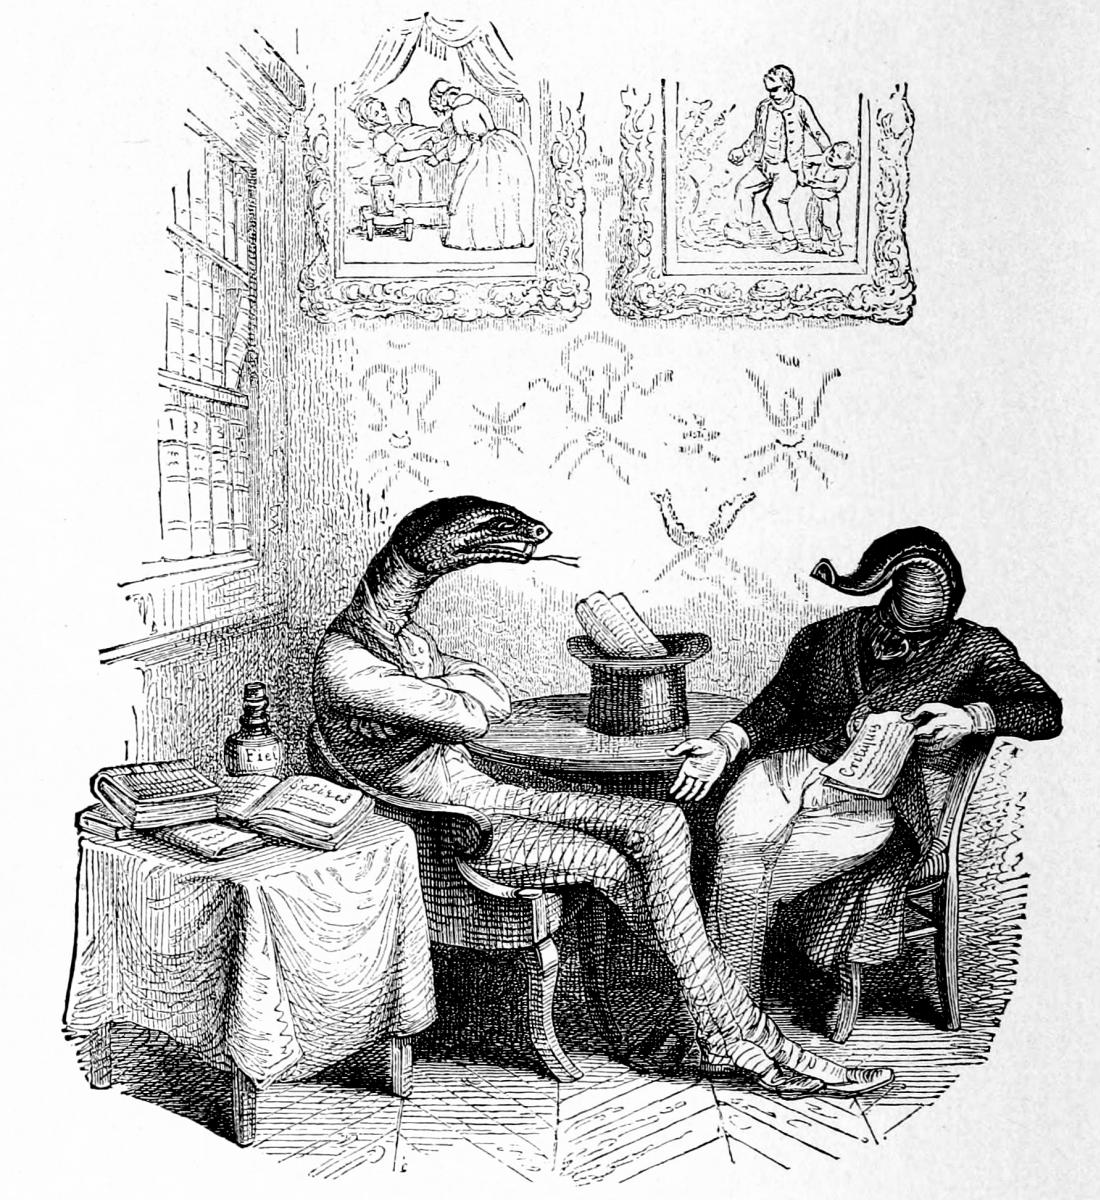 Жан Иньяс Изидор (Жерар) Гранвиль. Гадюка и Пиявка. Иллюстрации к басням Флориана